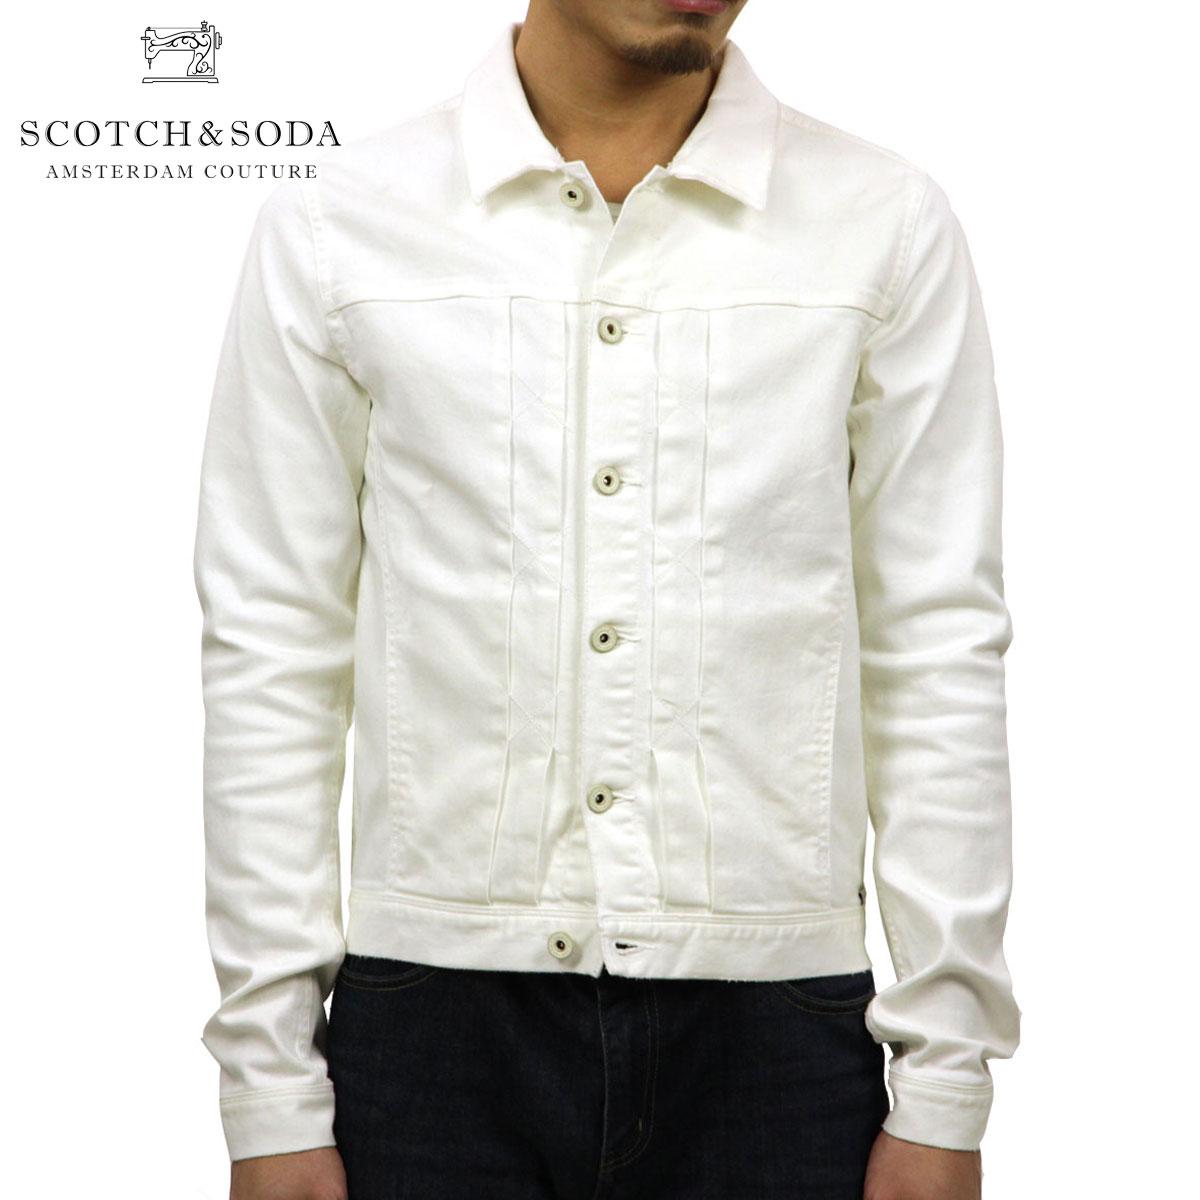 スコッチアンドソーダ アウター メンズ 正規販売店 SCOTCH&SODA ジャケット ジャケット Garment dyed clean look slim